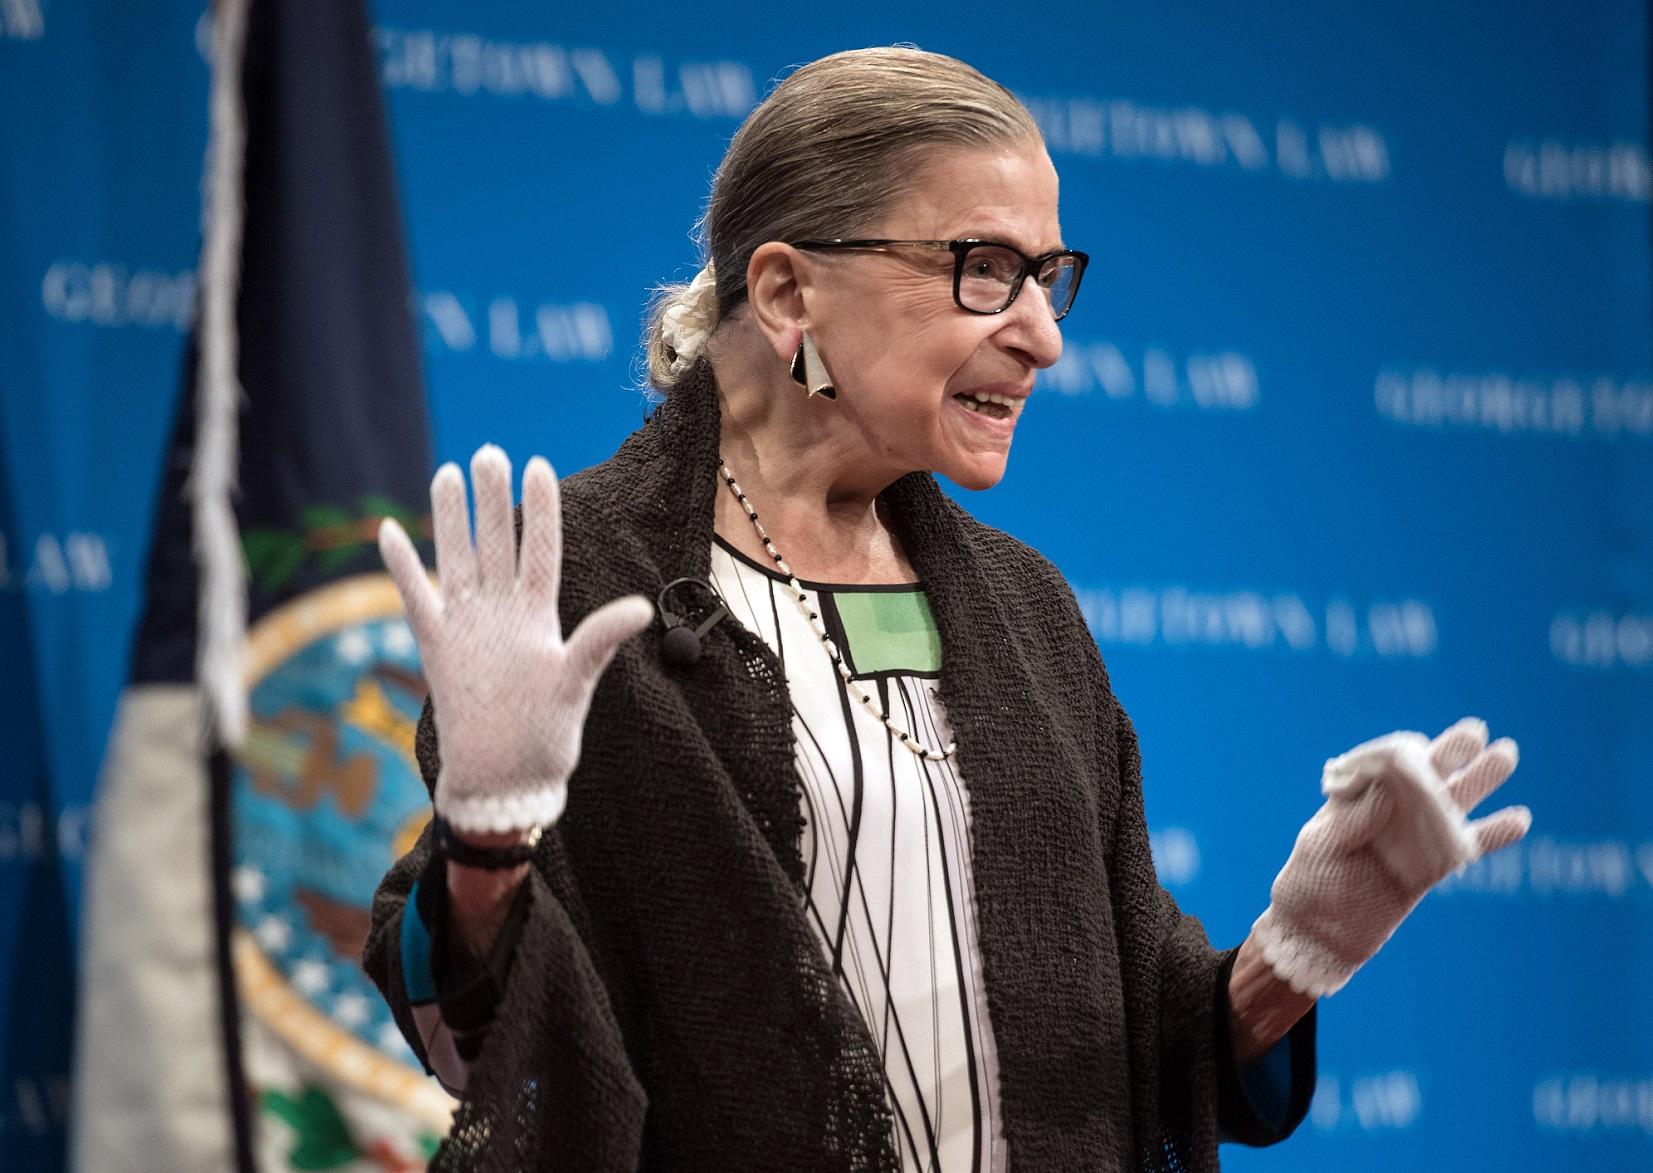 Ruth Bader Ginsburg, juíza da Suprema Corte dos EUA, é aplaudida por estudantes de direito na Universidade de Georgetown. Foto Nicholas Kamm/AFP